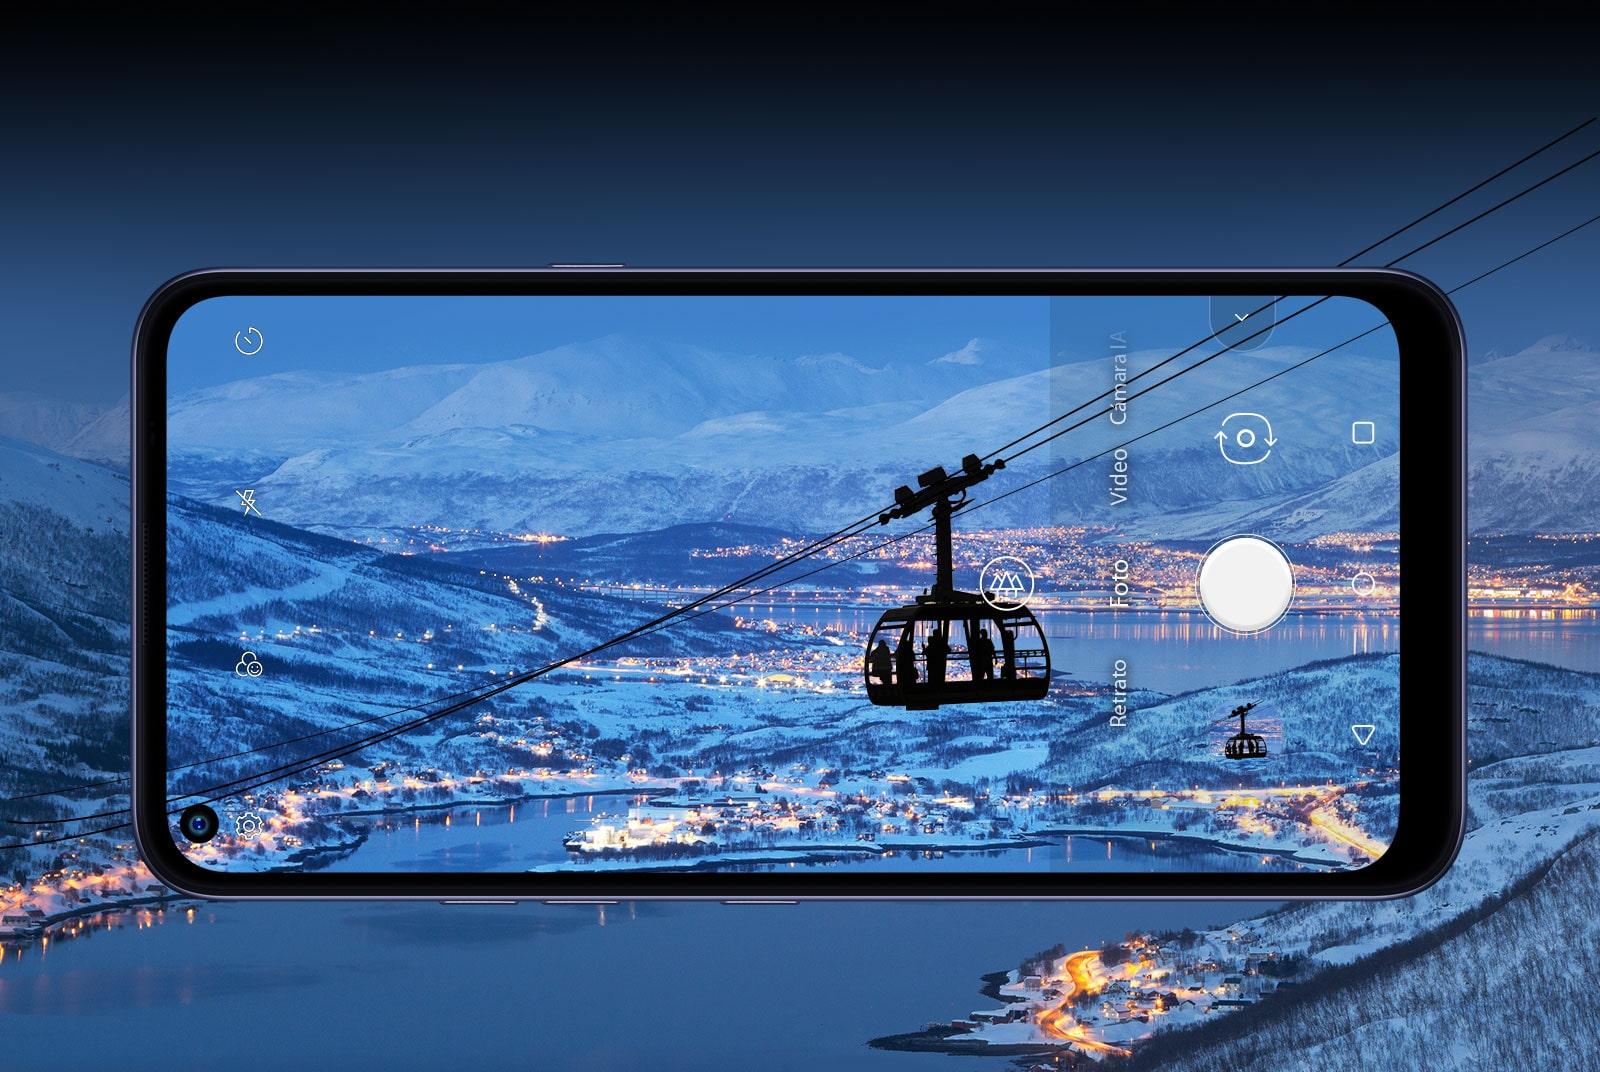 Teléfono inteligente que fotografía un teleférico en la cima de la montaña con una vista agradable